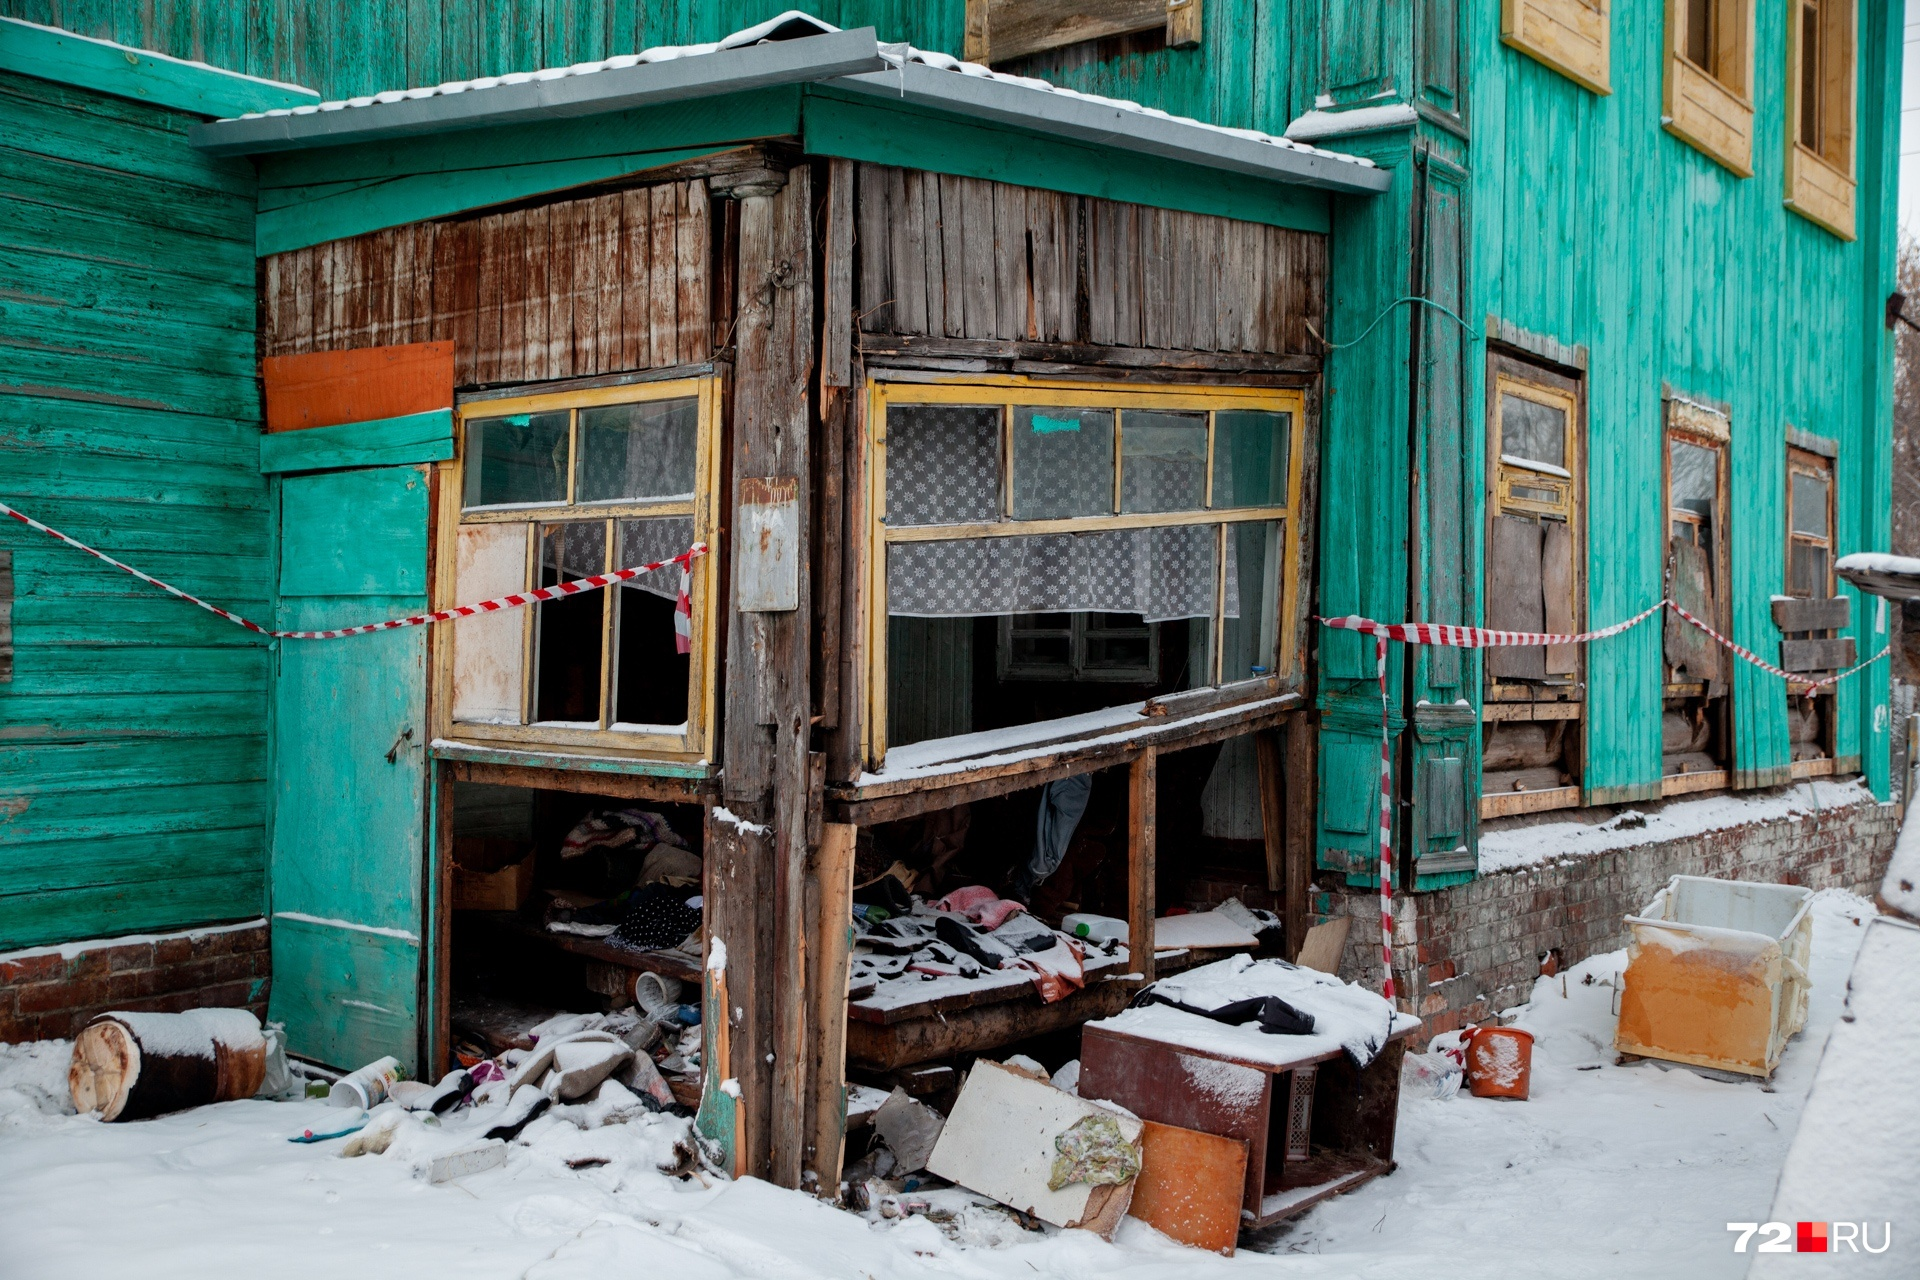 Под бирюзовым фасадом скрываются старые деревянные дощечки